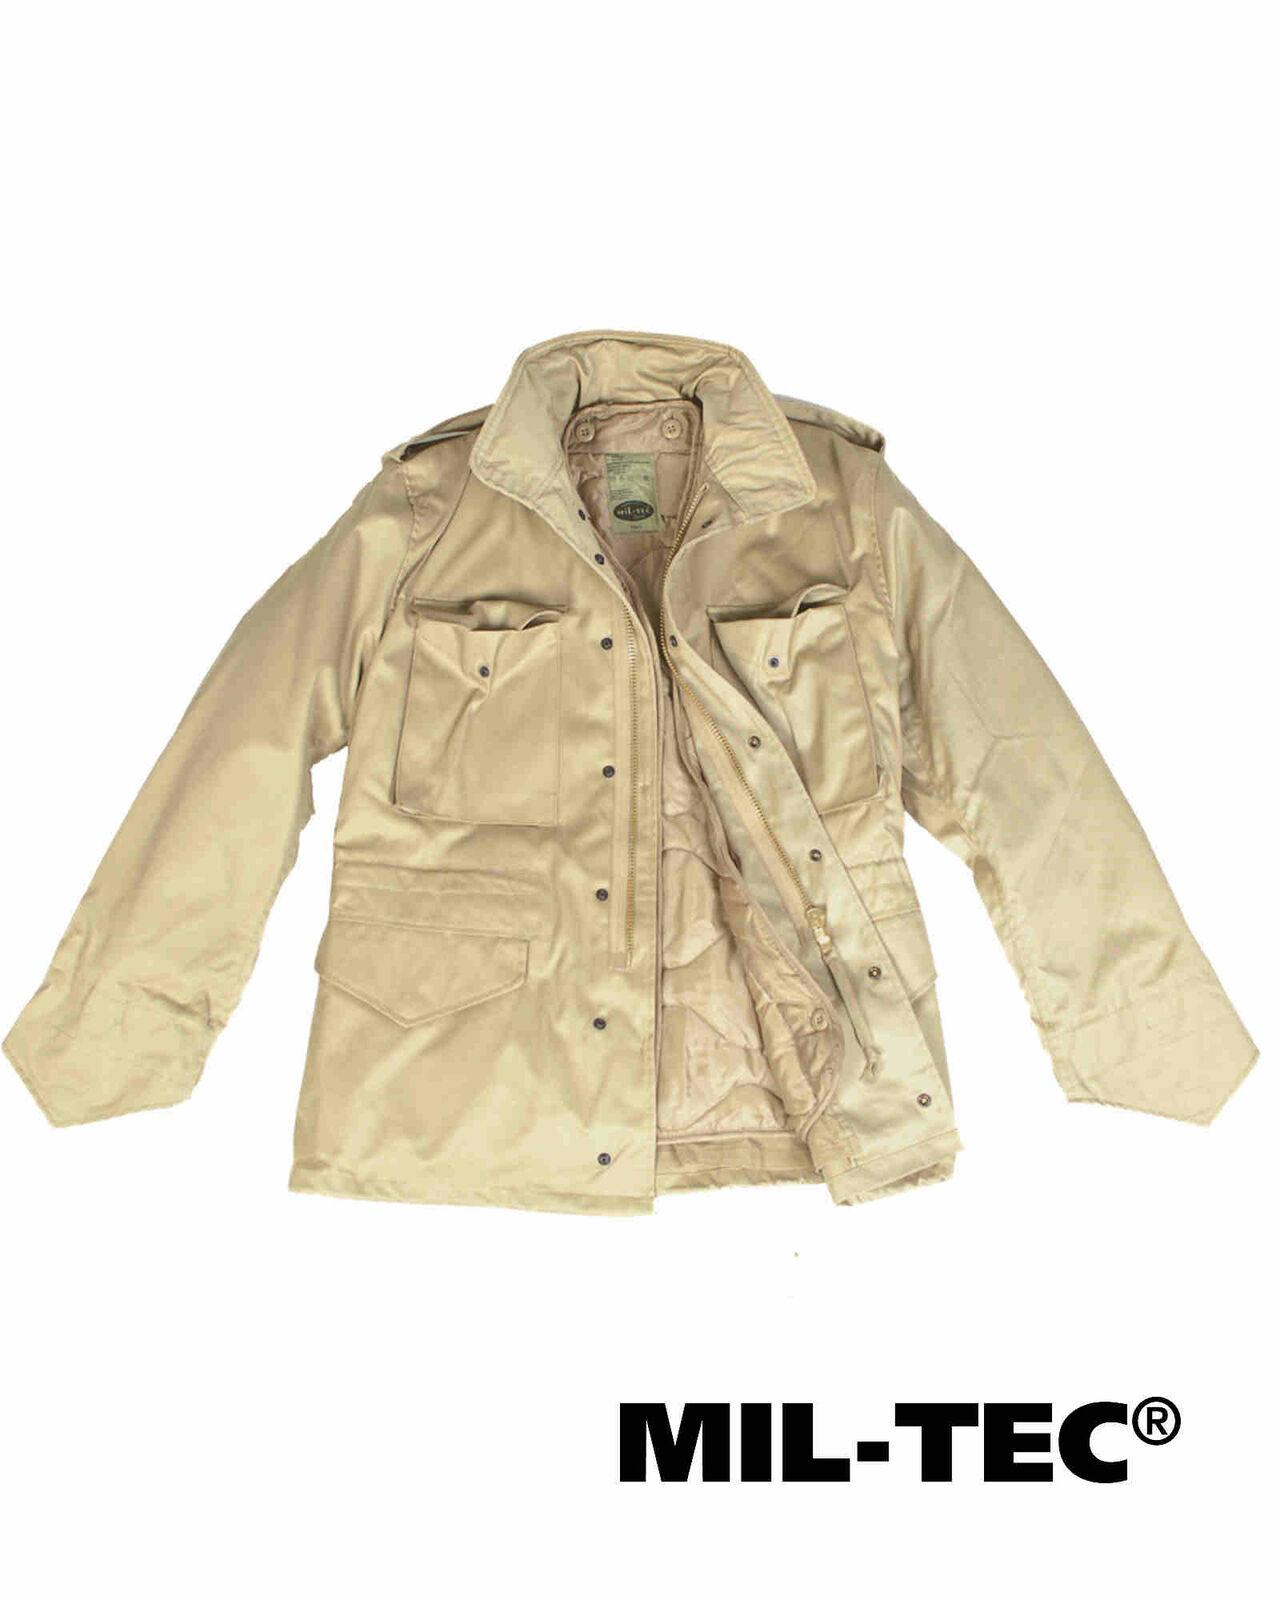 Mil-Tec US FELDJACKE M65 T C M.FU.KHAKI Outdoorjacke Outdoorjacke Outdoorjacke Jacke f71eed